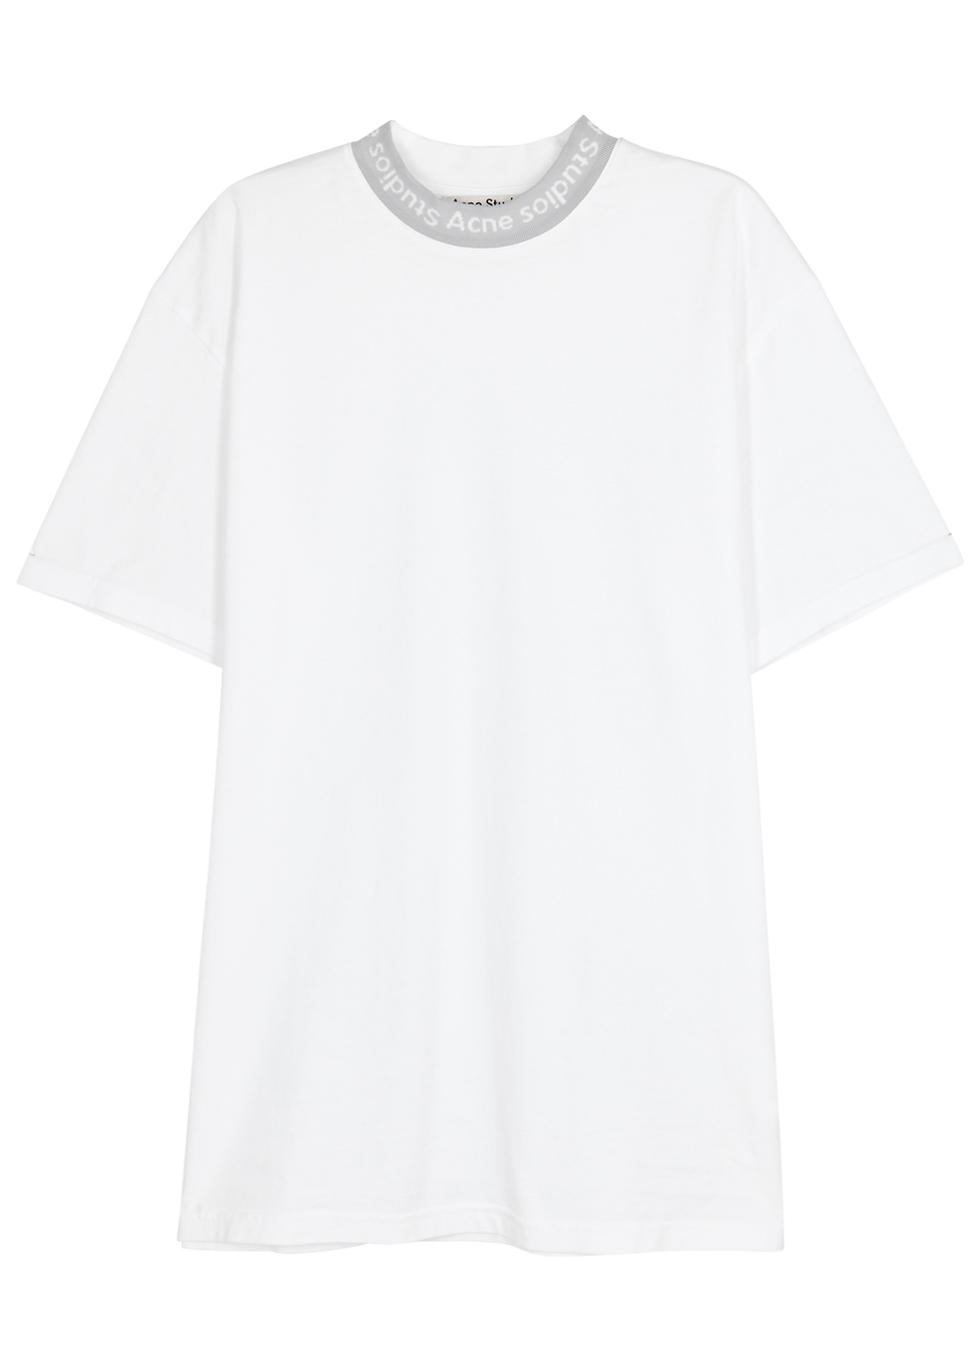 Gojina White Cotton T-Shirt